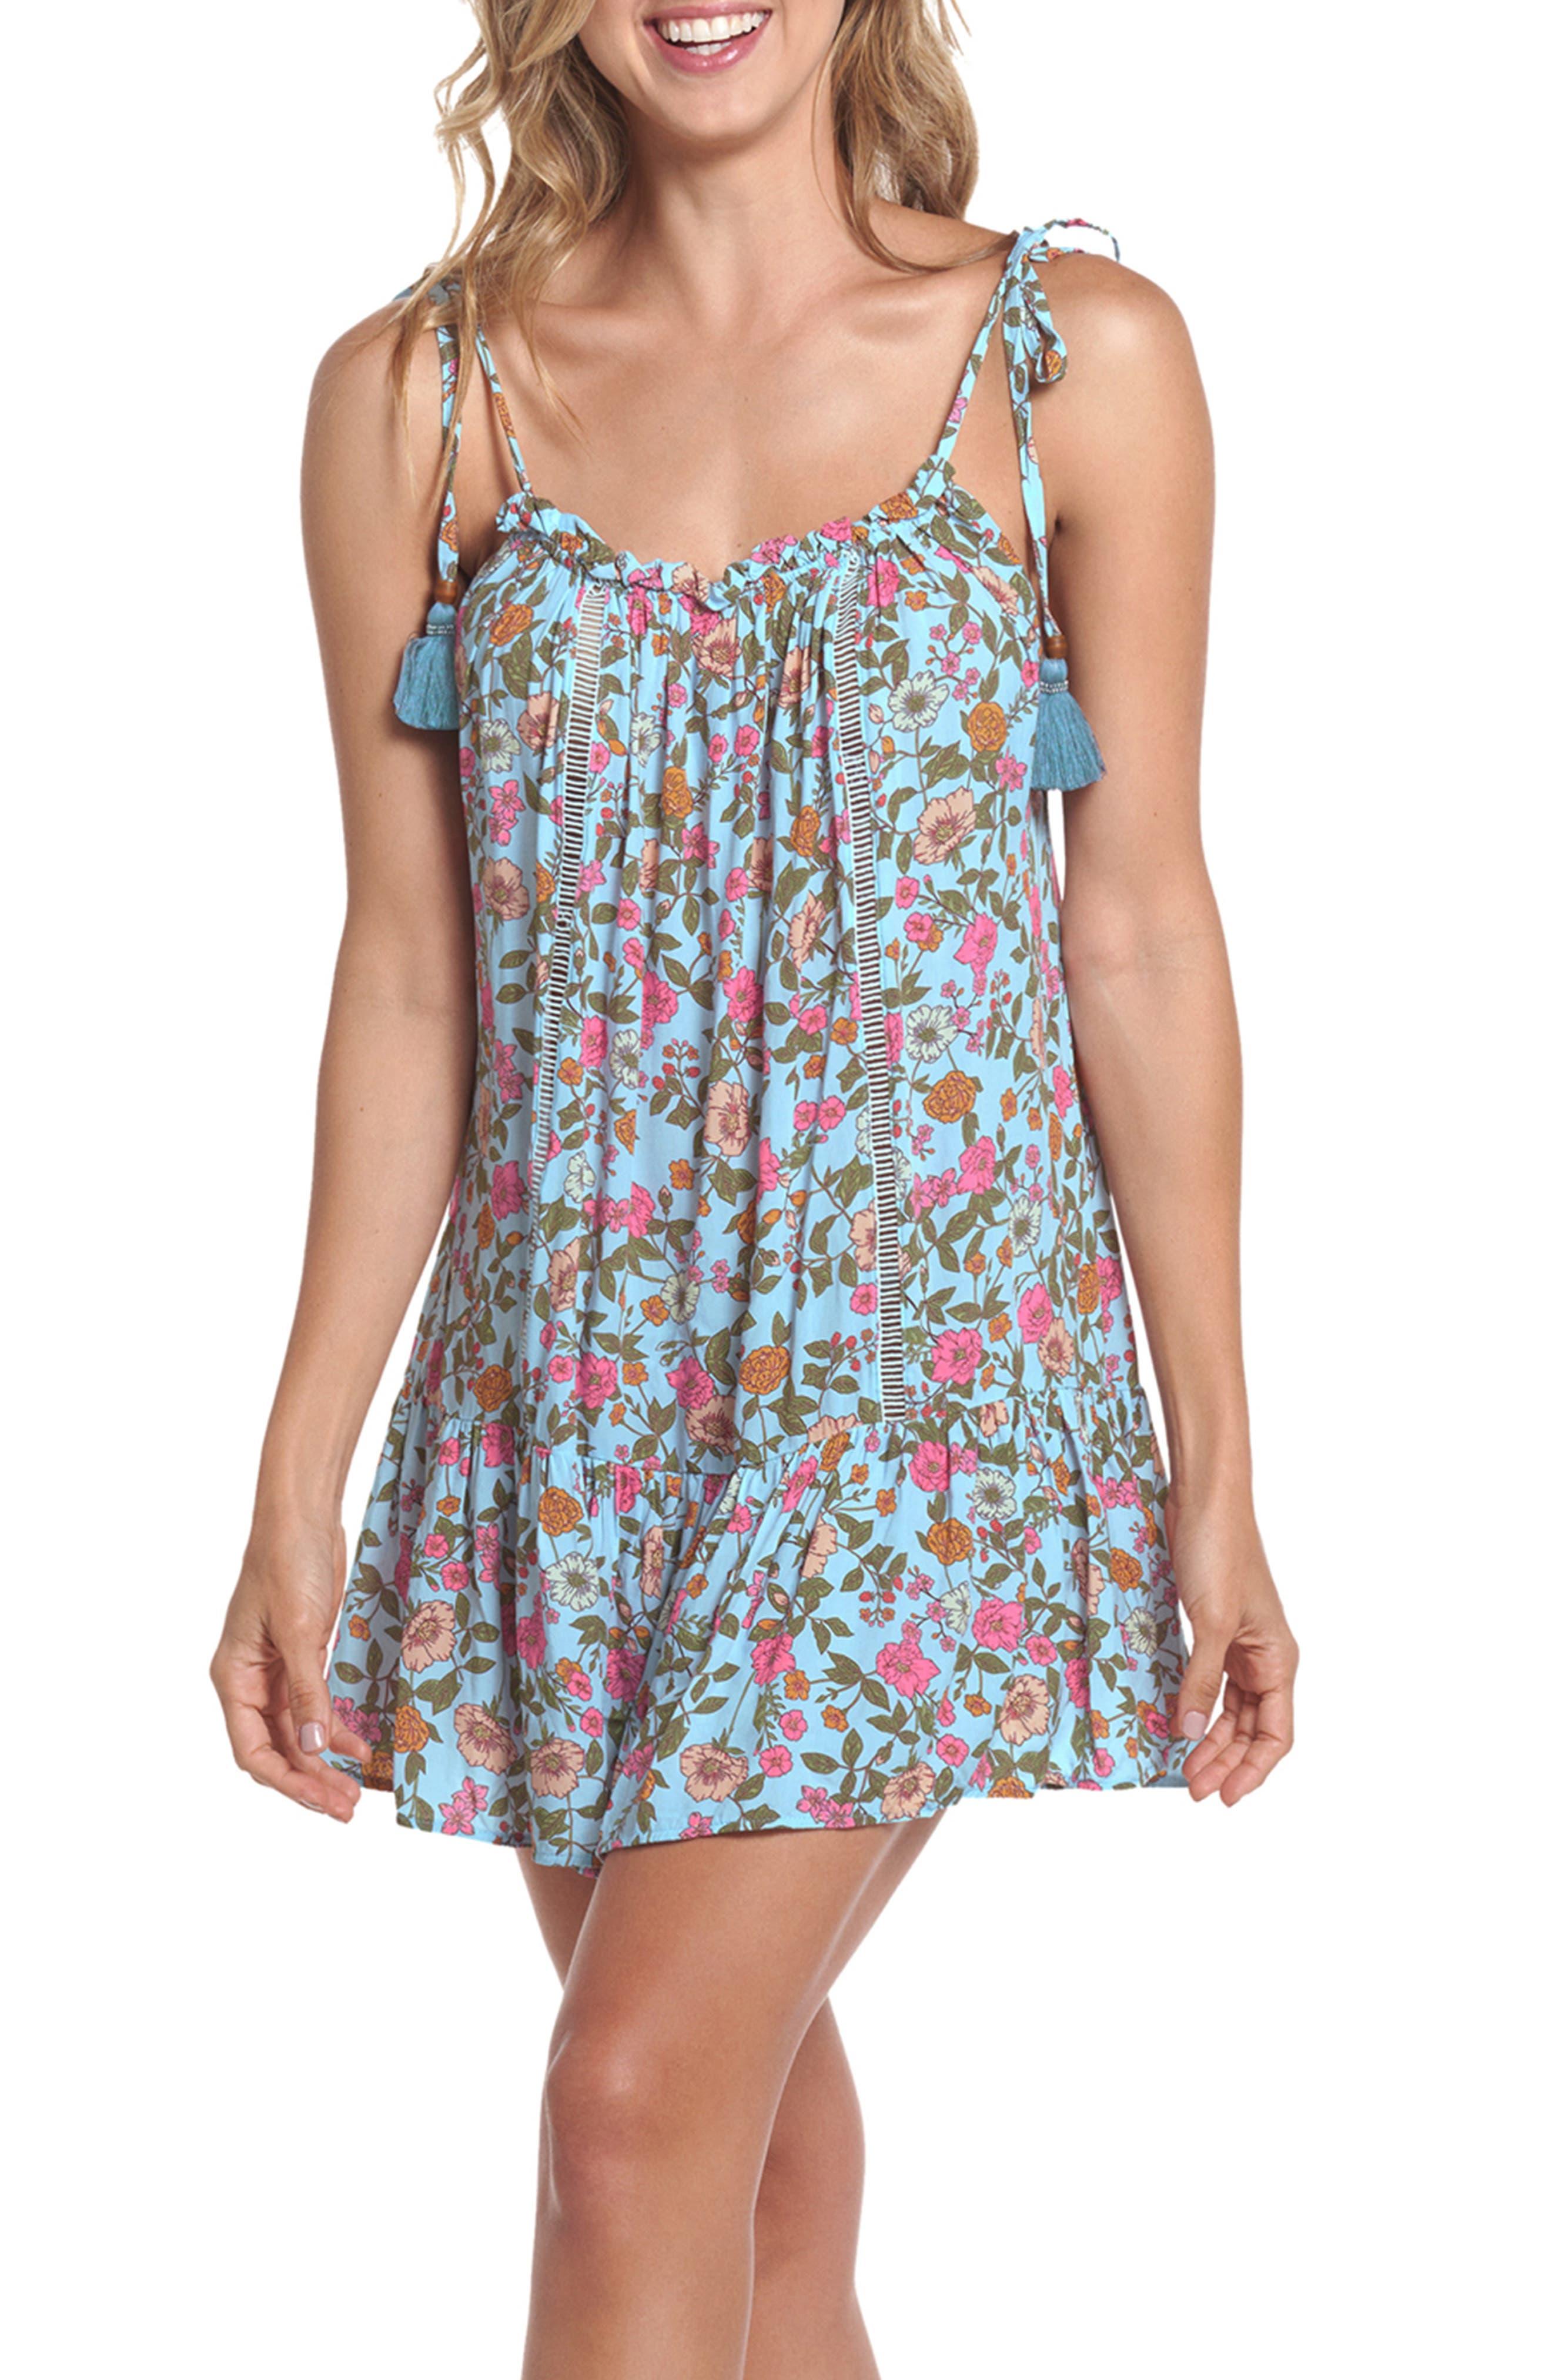 Rippling Petals Magnolia Cover-Up Dress